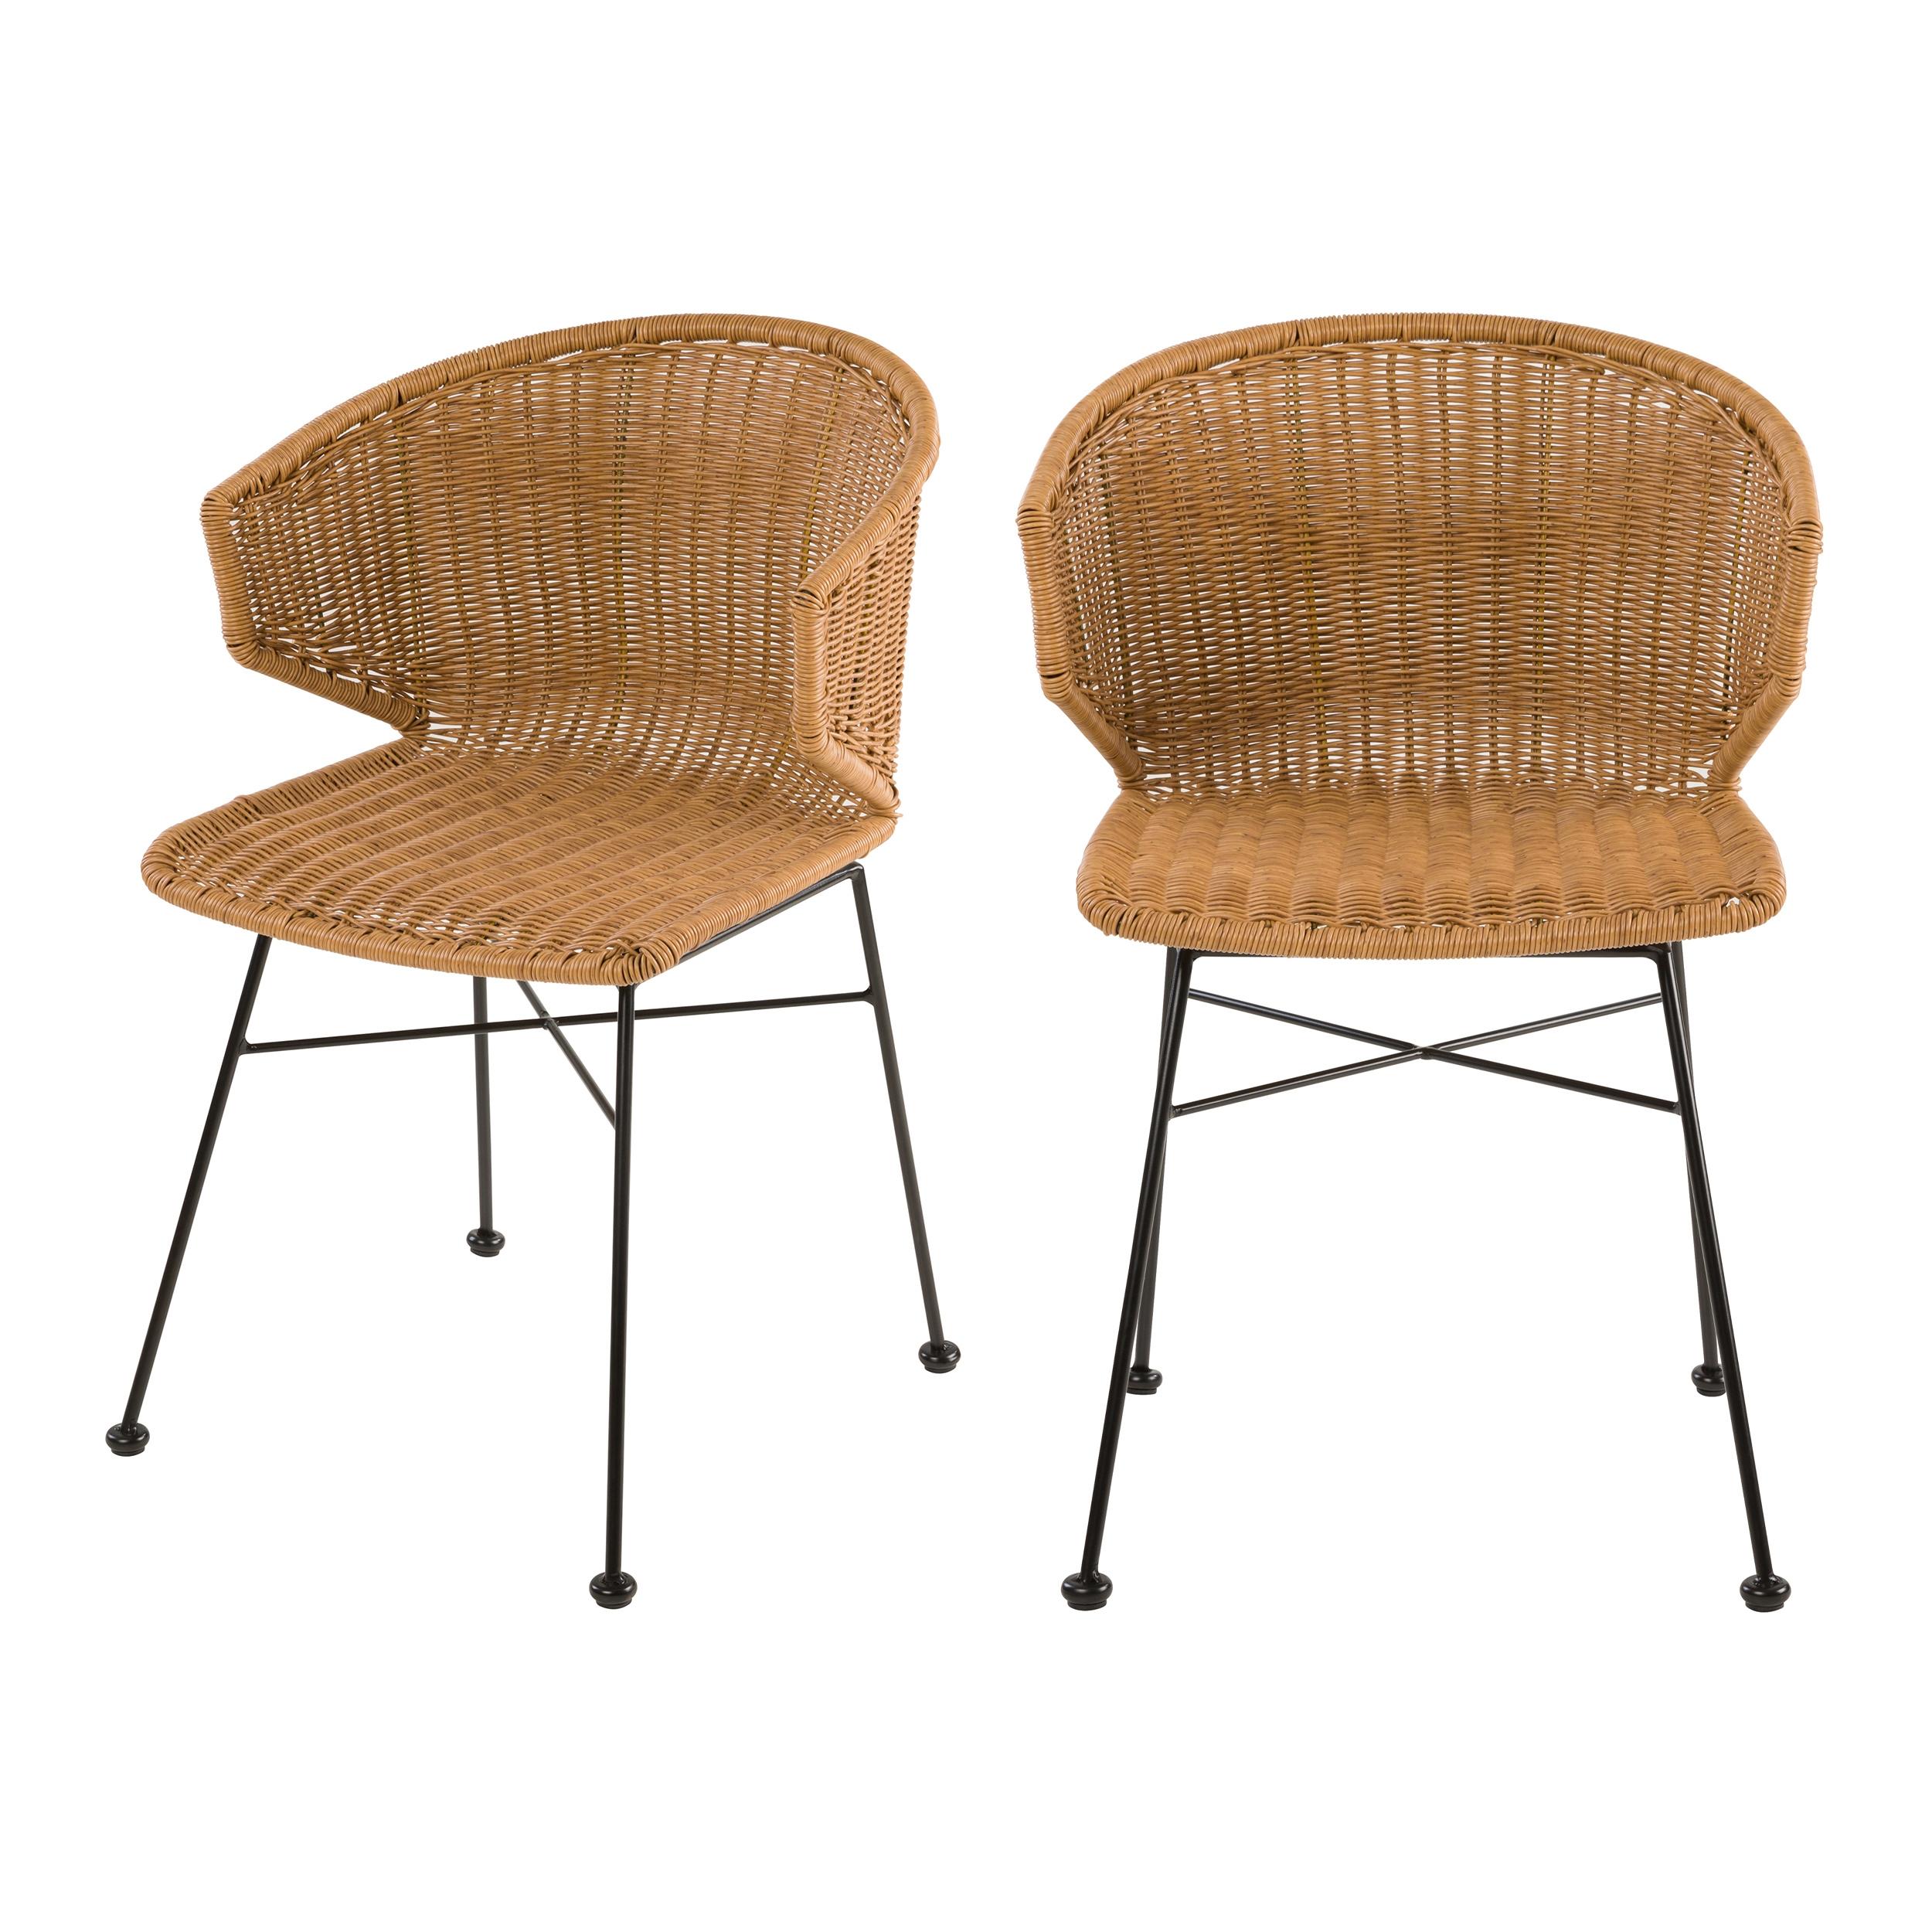 Chaise en résine tressée beige intérieur/extérieur (x2)